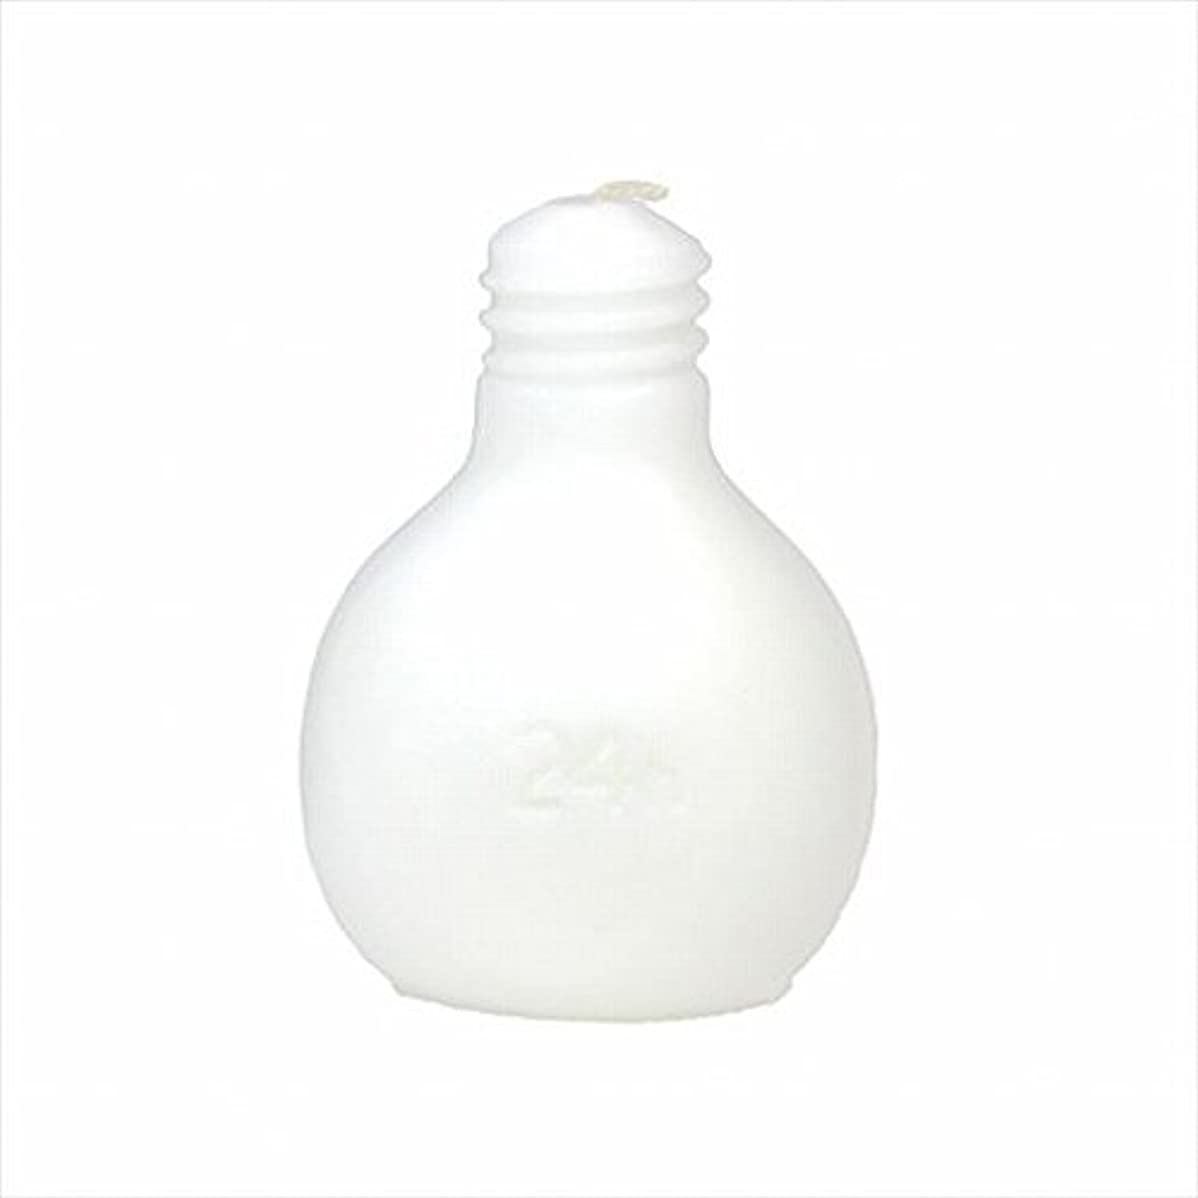 管理者絶滅したスクラップブックカメヤマキャンドル(kameyama candle) 節電球キャンドル 「 ホワイト 」